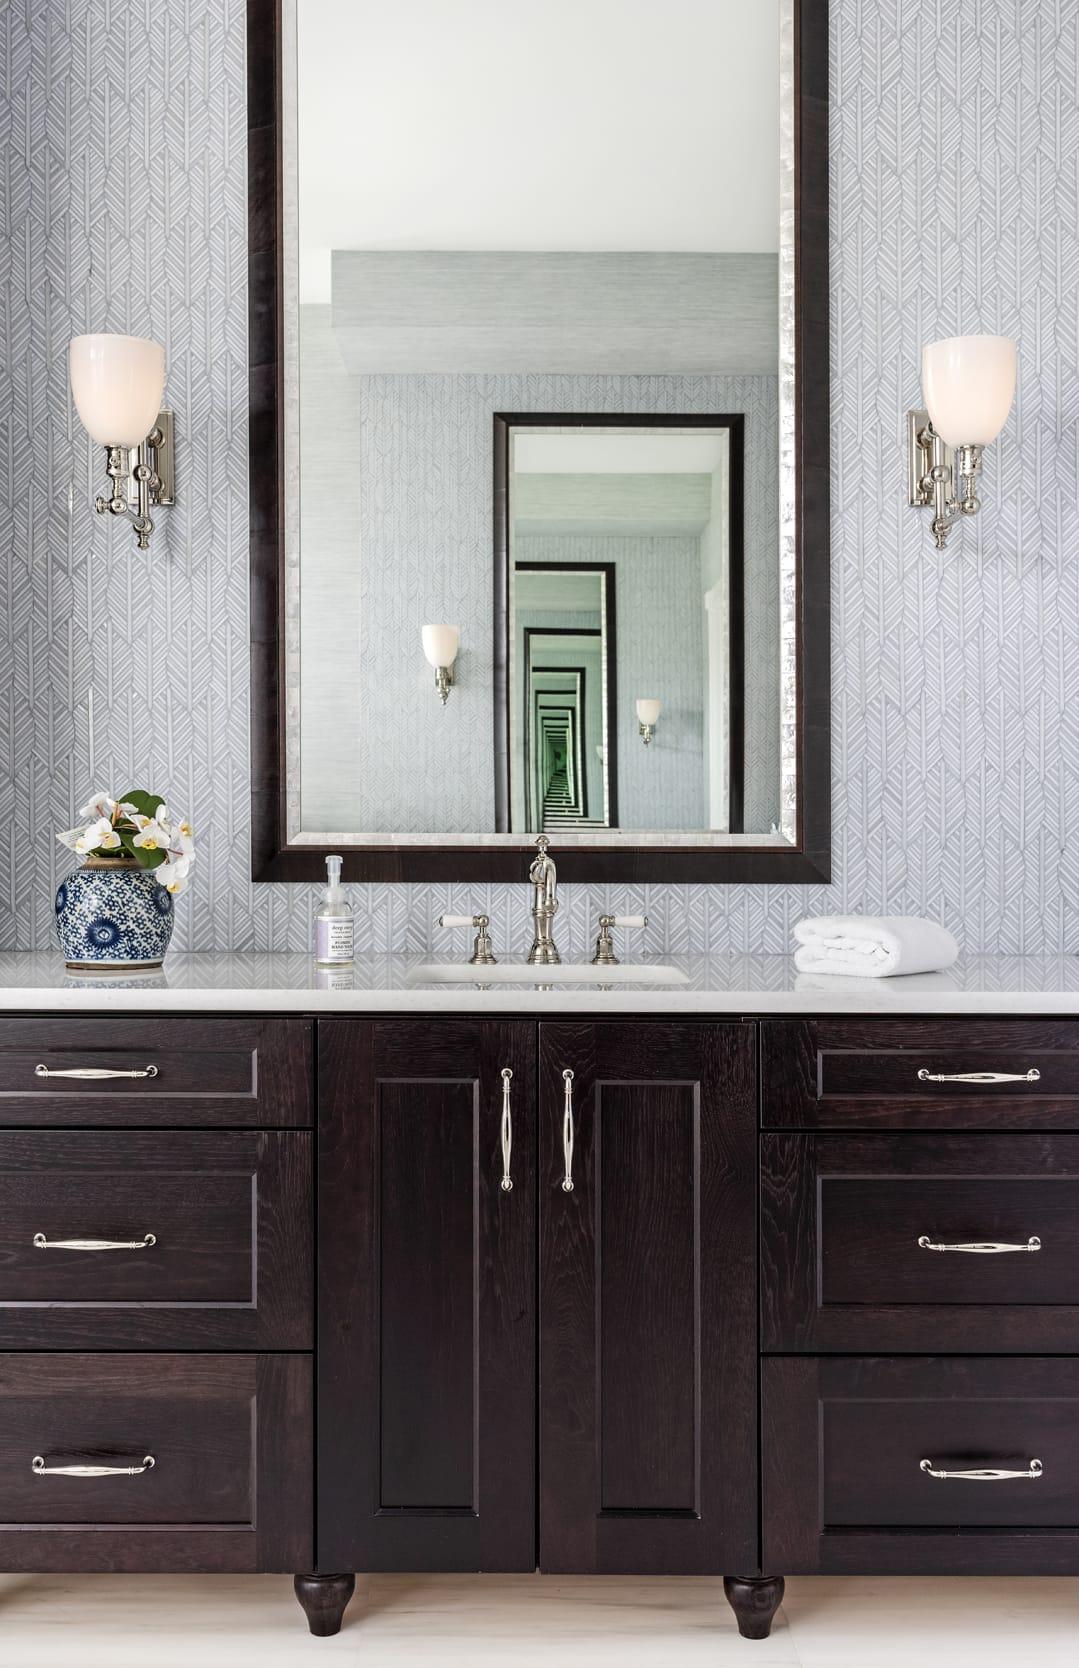 Jeffrey Fisher Home Light Blue Leaf Tile Bathroom Sink